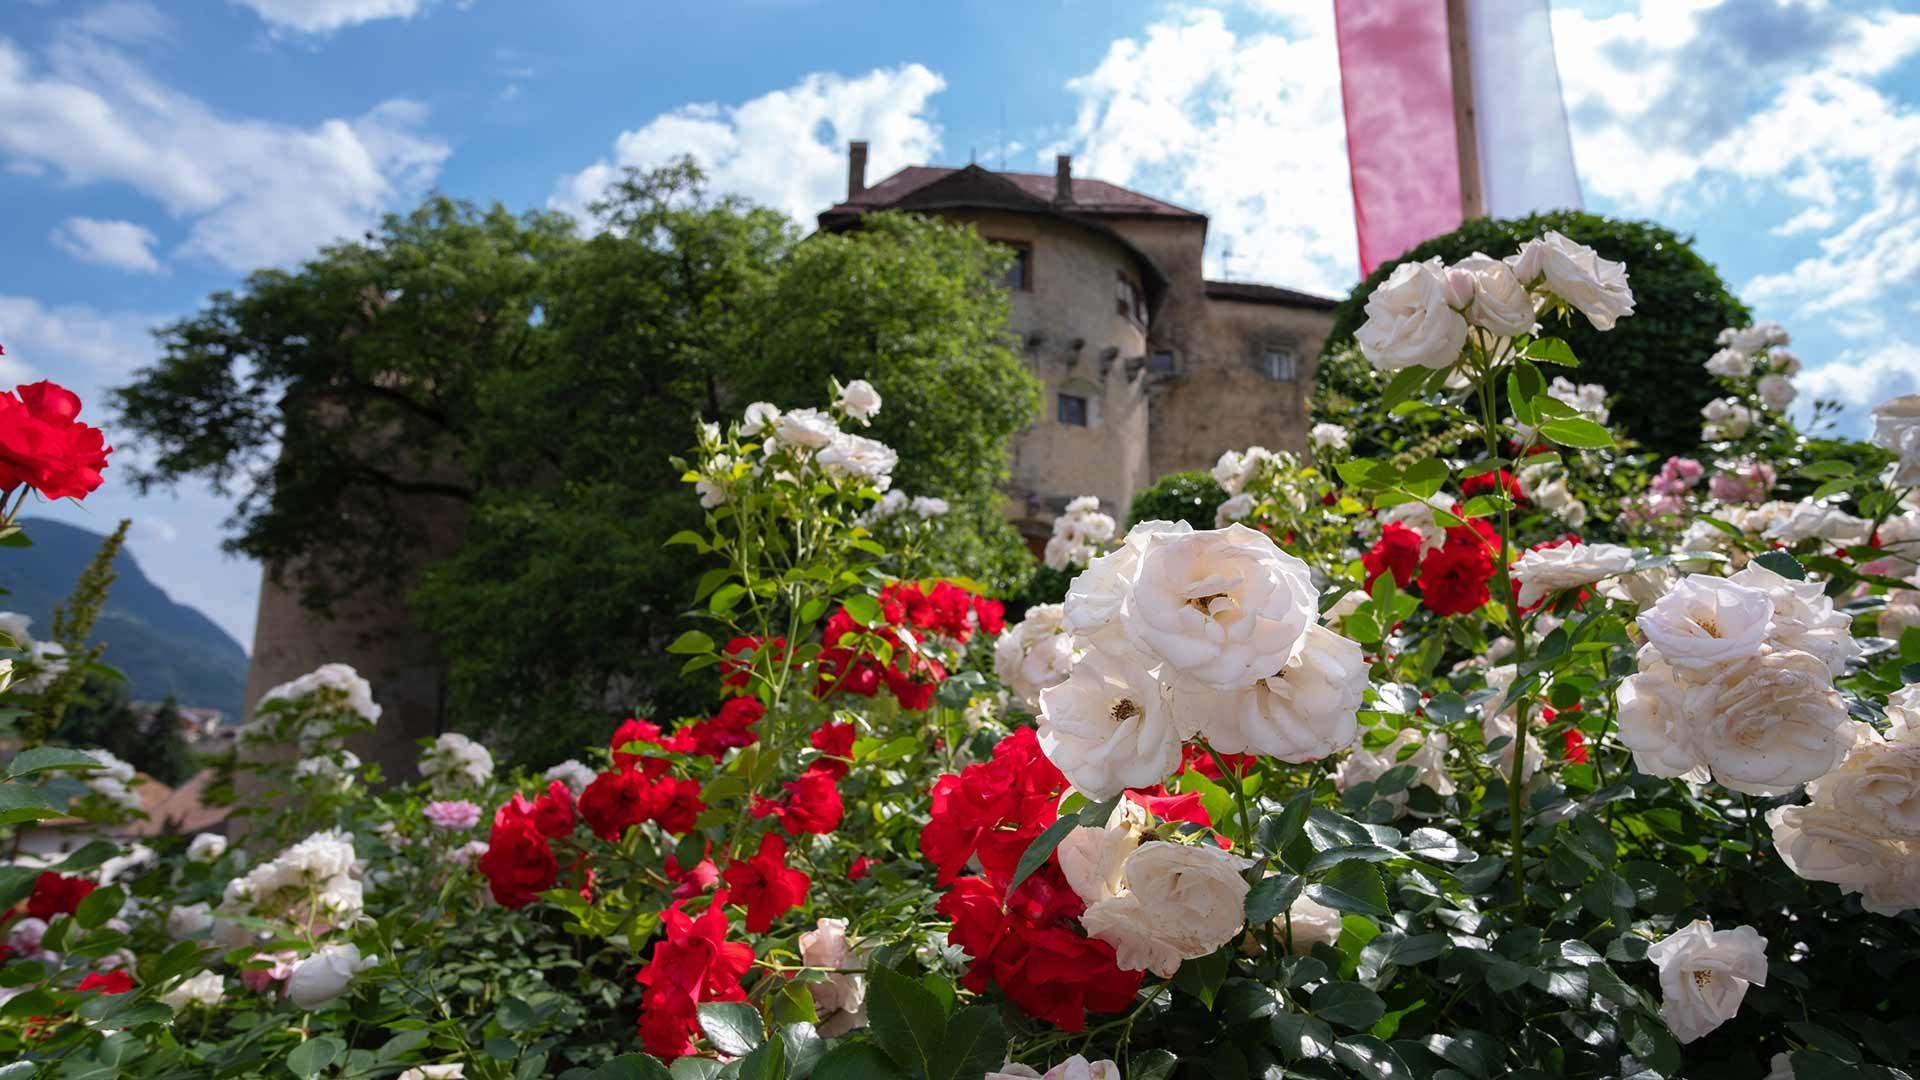 Castello di Scena in Alto Adige